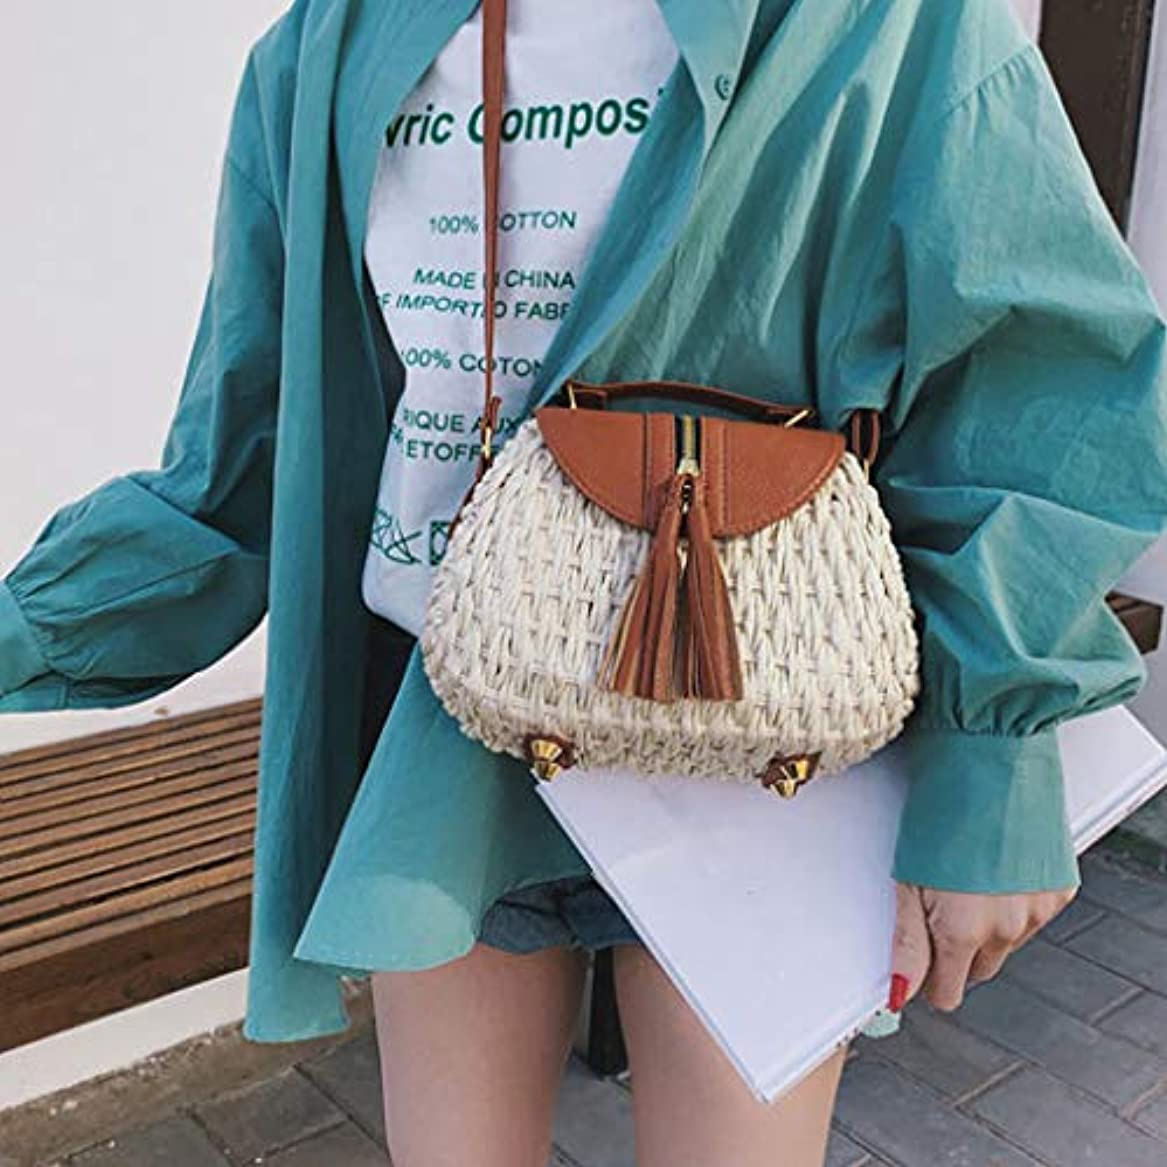 摂氏承知しました生じる女性の流行のタッセルはショルダー?バッグ、女性浜の余暇のクロスボディ袋を織ります、女性のタッセルは浜様式のメッセンジャー袋を織ります、女性方法対照色のビーチ様式のメッセンジャー袋 (ベージュ)